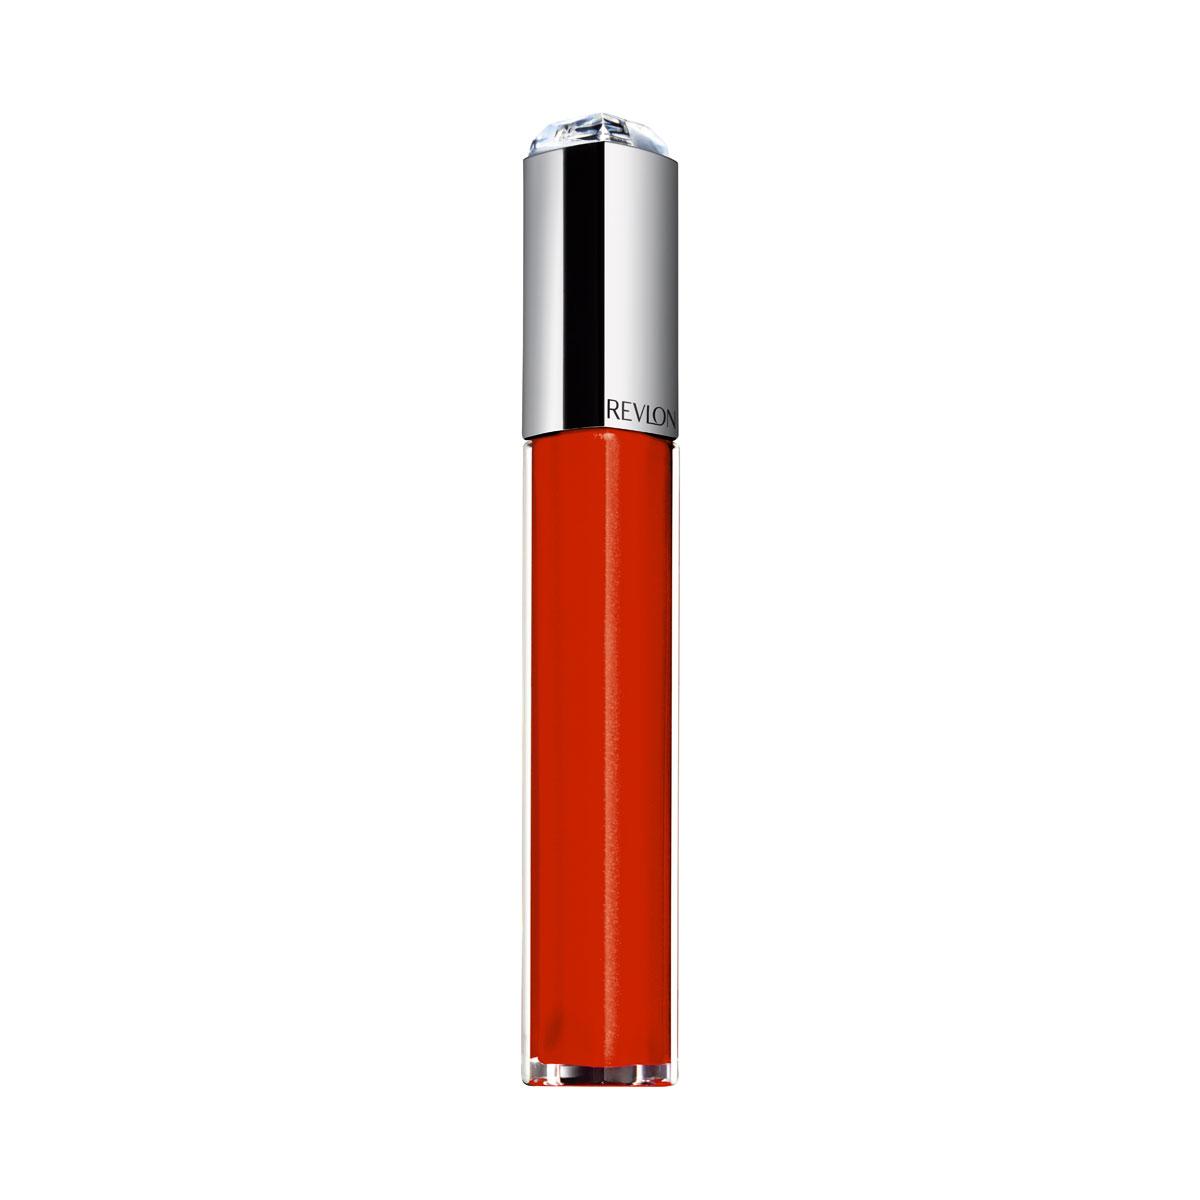 Revlon Помада-блеск для Губ Ultra Hd Lip Lacquer Fire opal 560 5,9 мл7210464045Придайте своим губам сияние с Revlon Ultra HD Lip Lacquer. Инновационная лаковая формула дарит вашим губам глубокий, насыщенный цвет без утяжеления. Блеск-лак для губ с тонкой текстурой, не насыщенной восками. Легкая формула обогощена маслами кокоса и манго. Супер-пигментирован! Плотность покрытия тонкое без ощущения липкости. Насыщенная яркая палитра для создания разных образов: от естественного дневного до вечернего макияжей. Устойчивый результат. Насыщенный, сияющий цвет визуально увеличивающий объем.